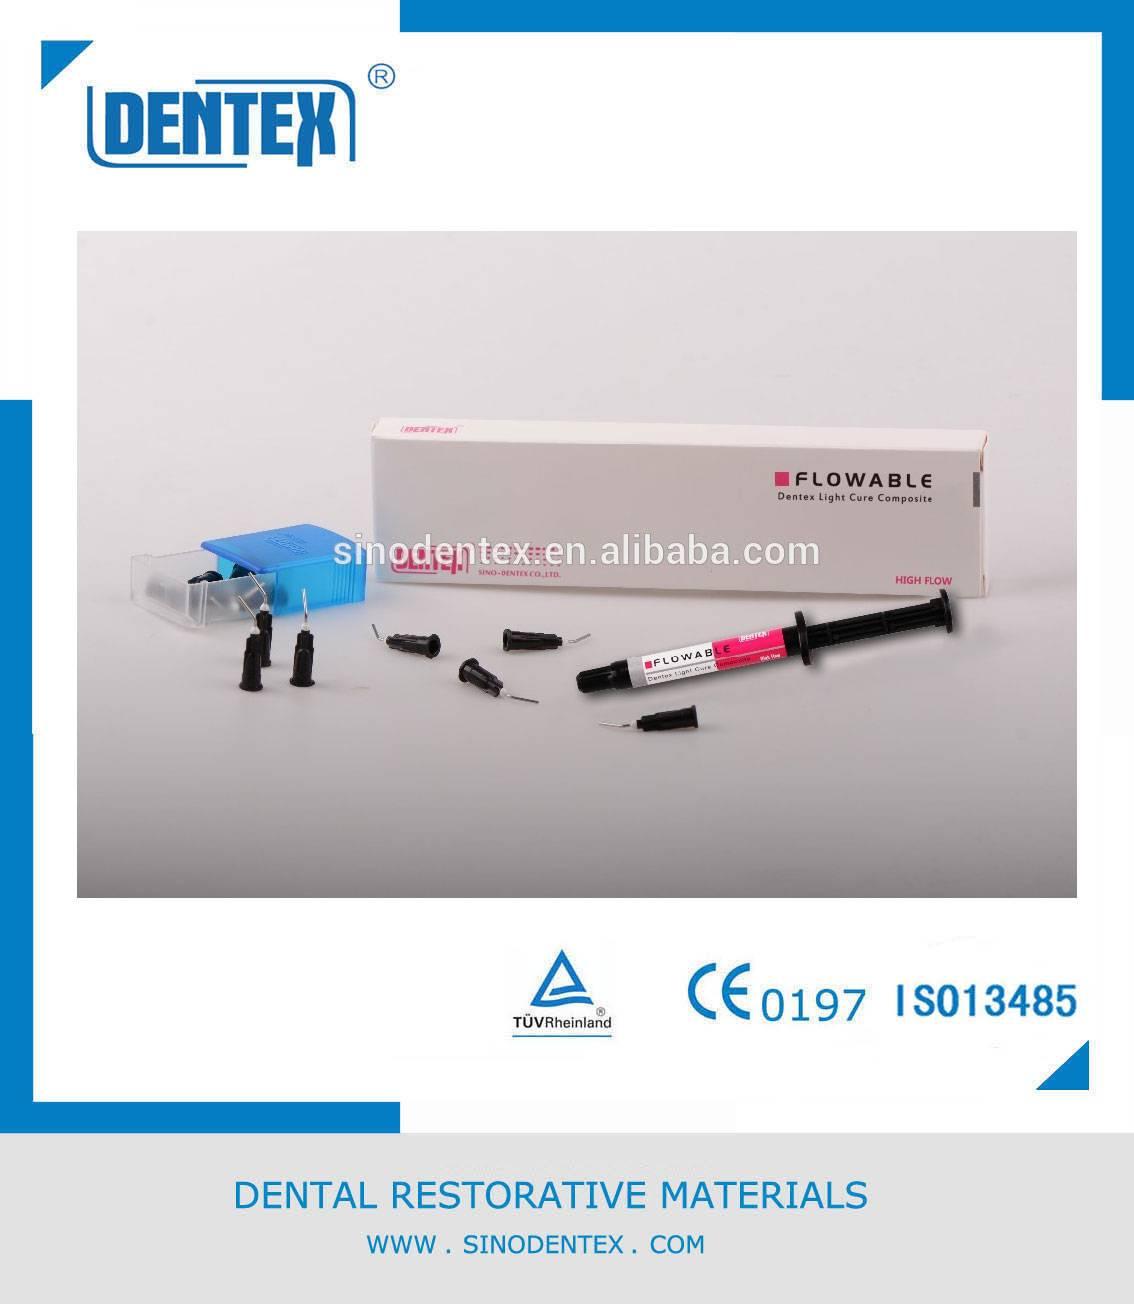 Dental Filling Materials Dentex Bulk Fill Flowable Restorative for Cavity Restoration